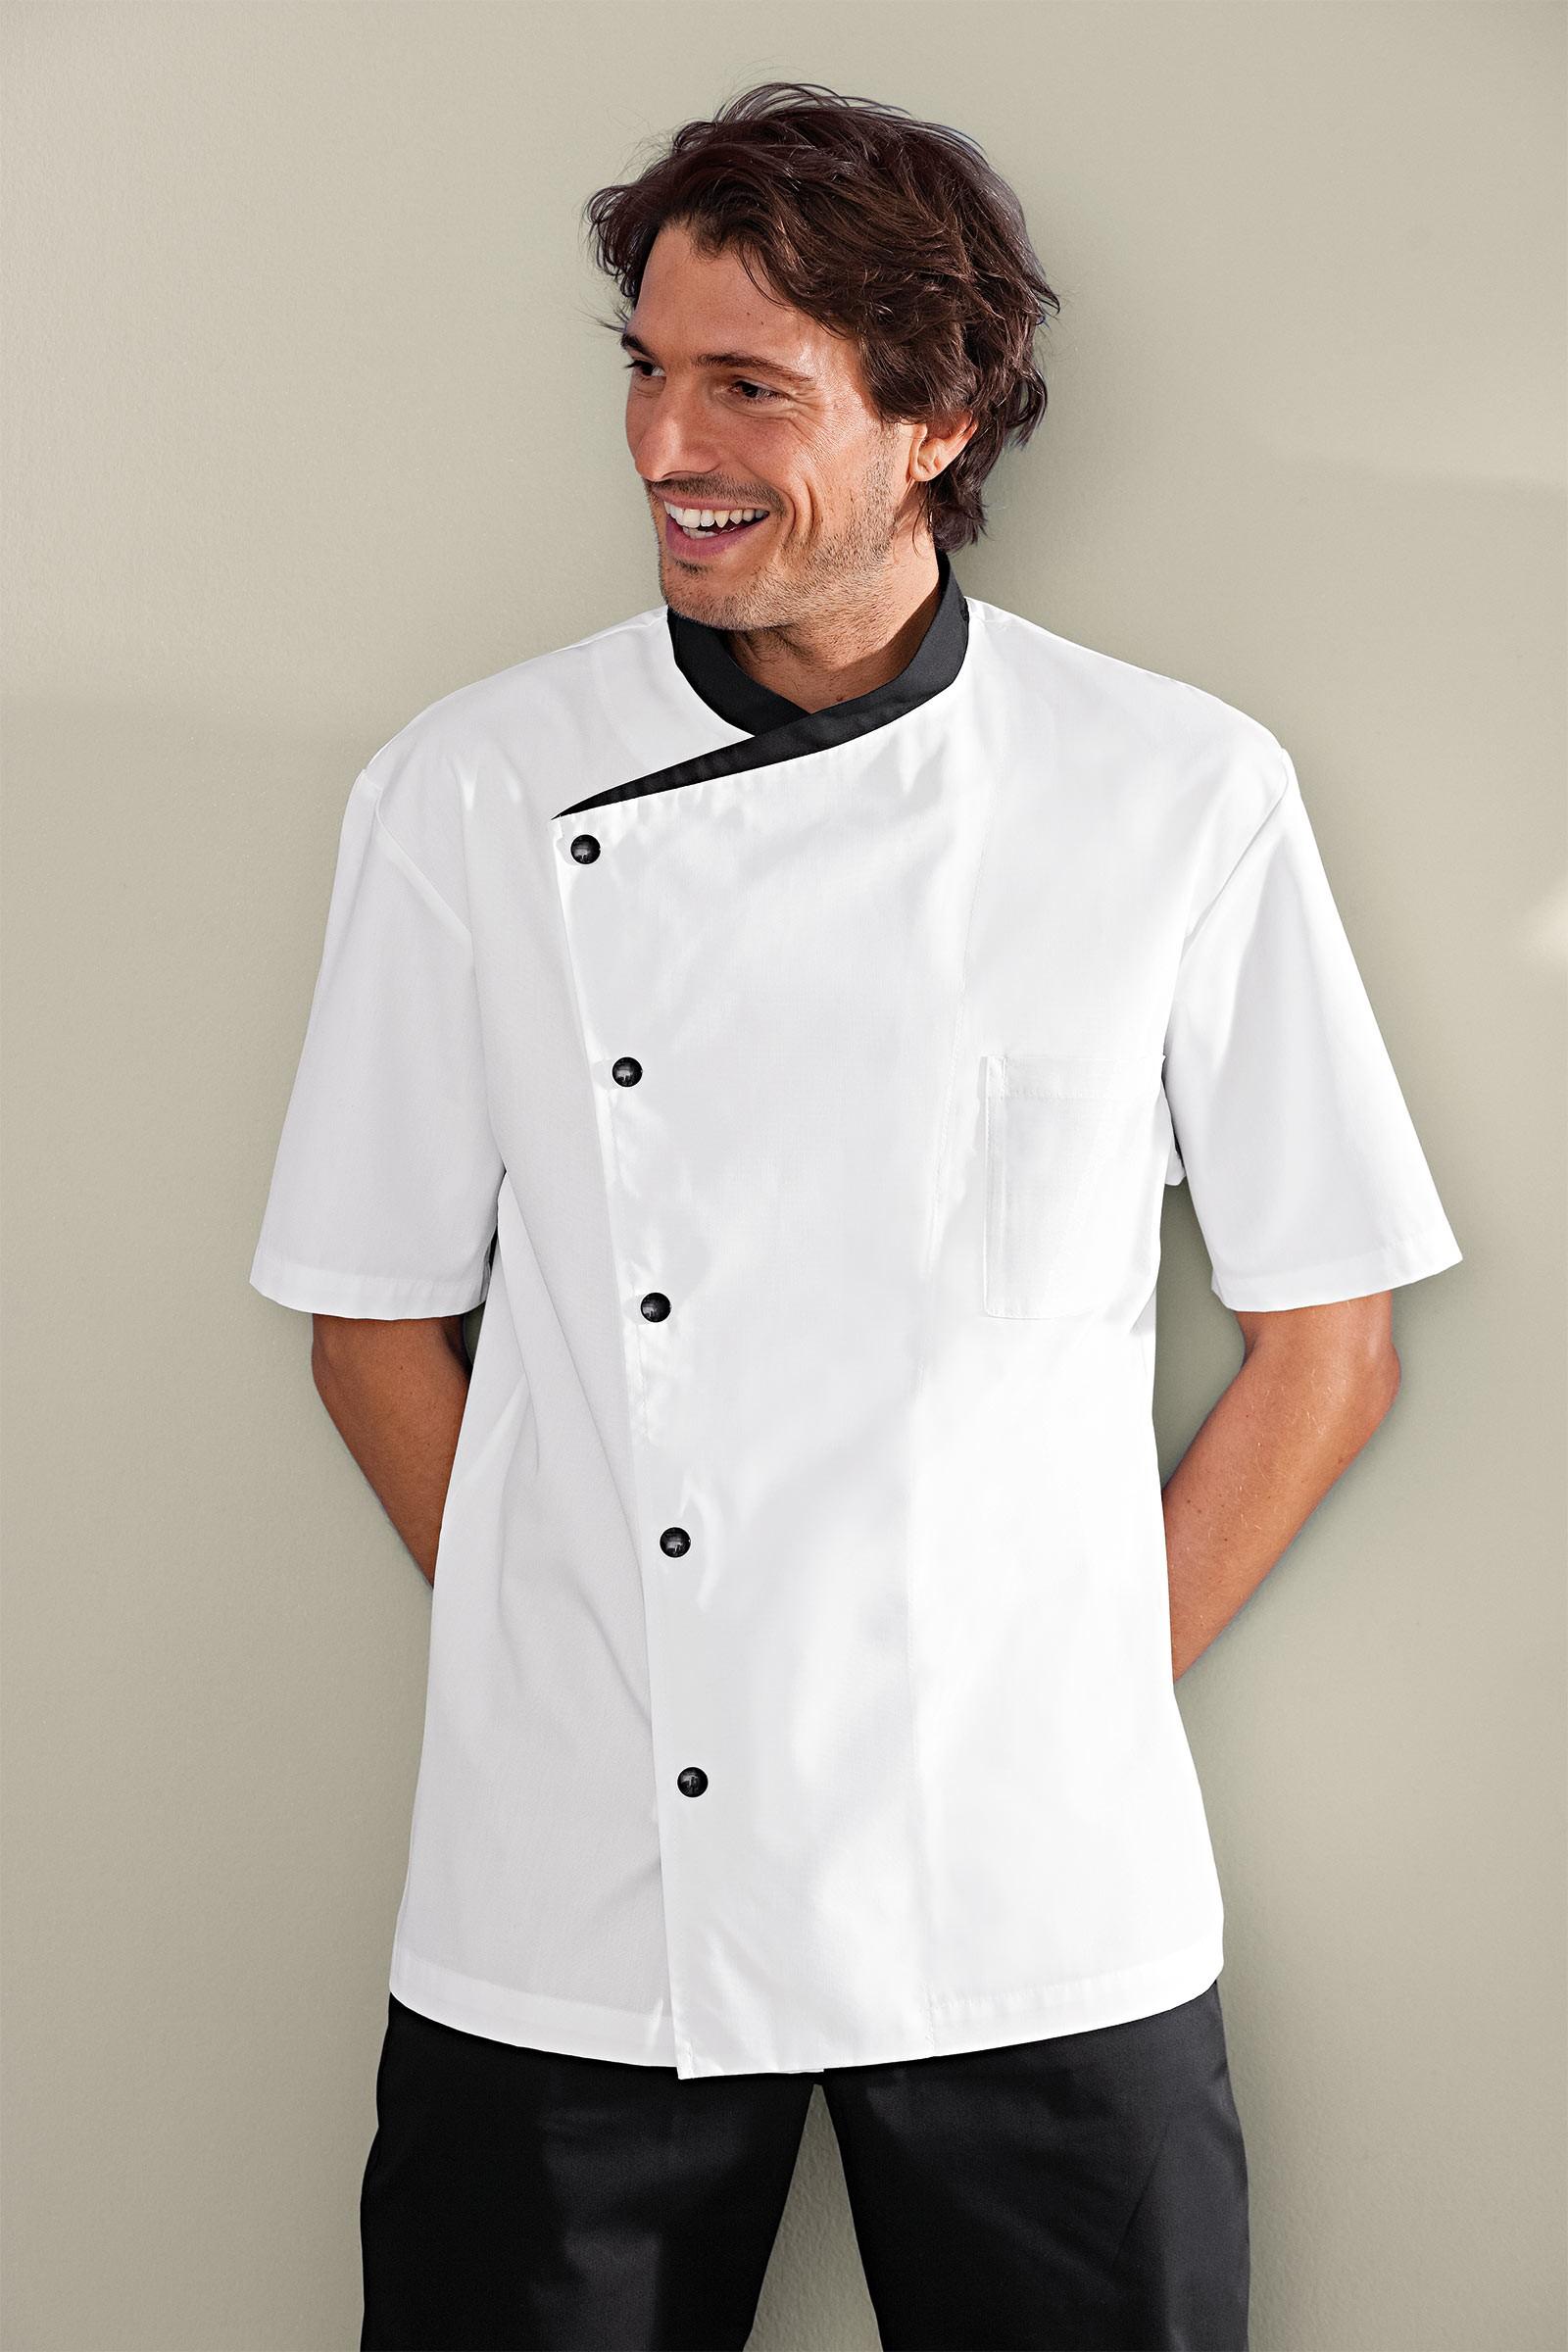 Veste de cuisine blanche bragard veste de cuisinier homme - Veste cuisine homme personnalise ...